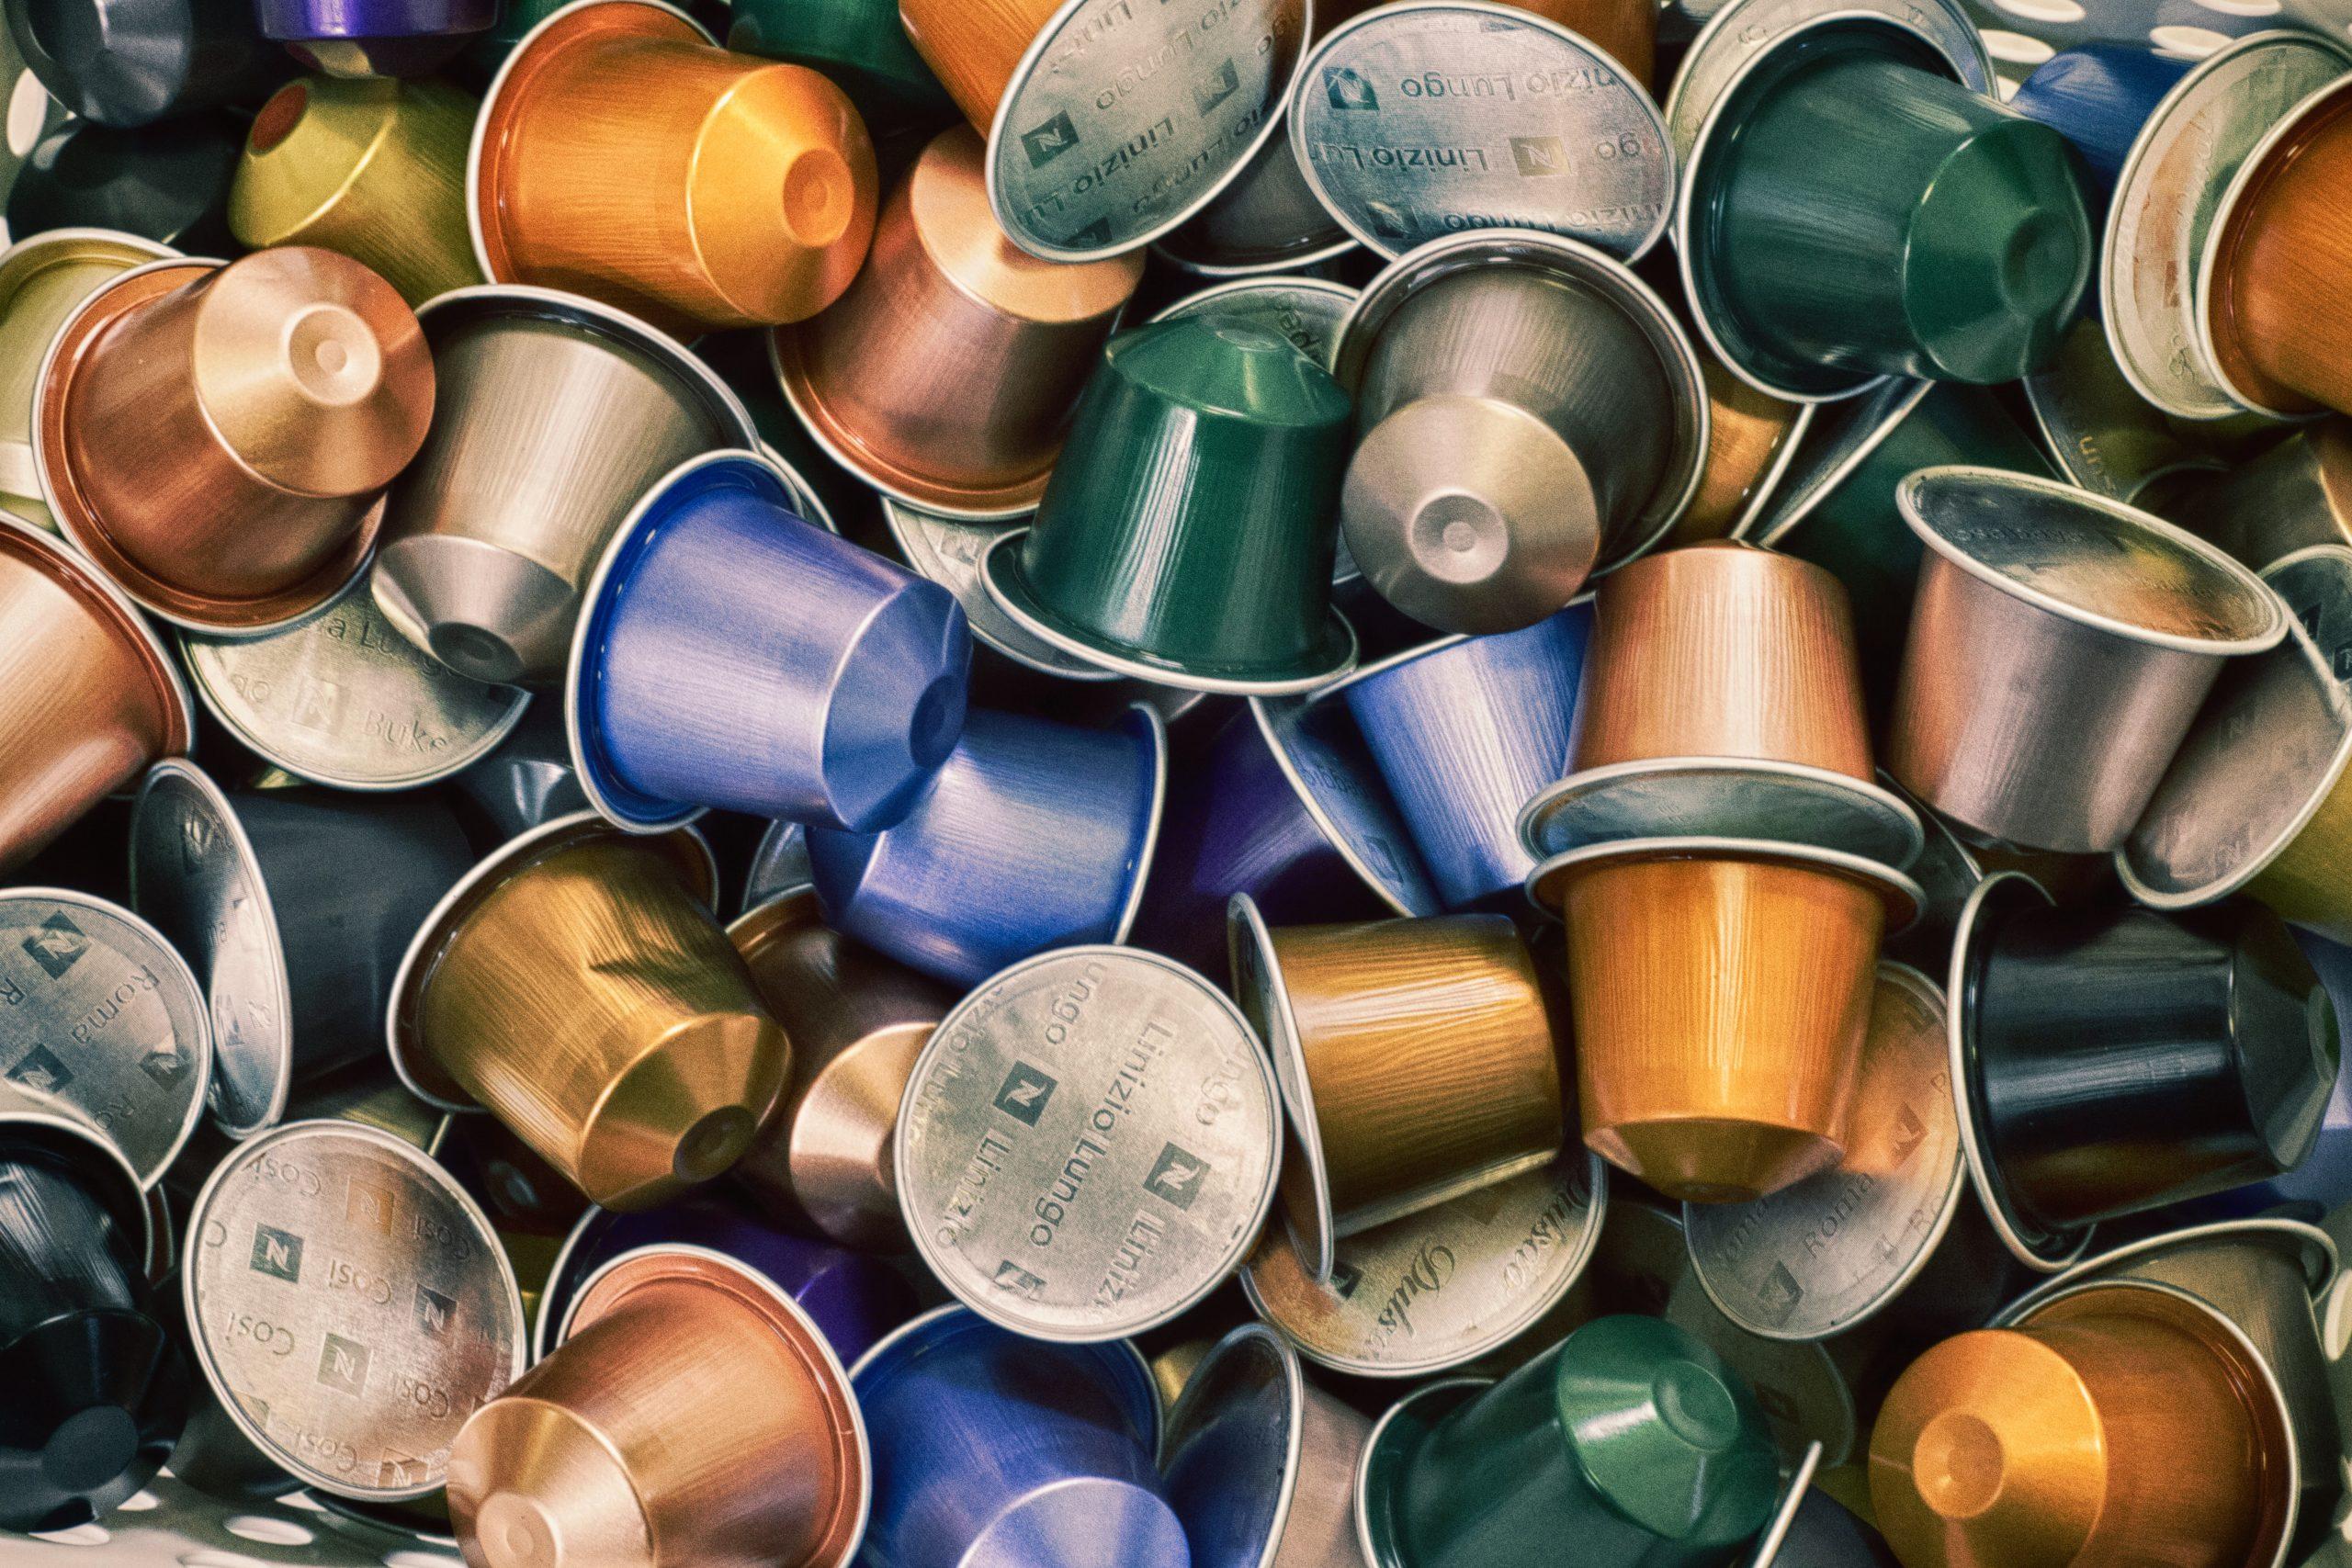 Imagem de cápsulas de café.